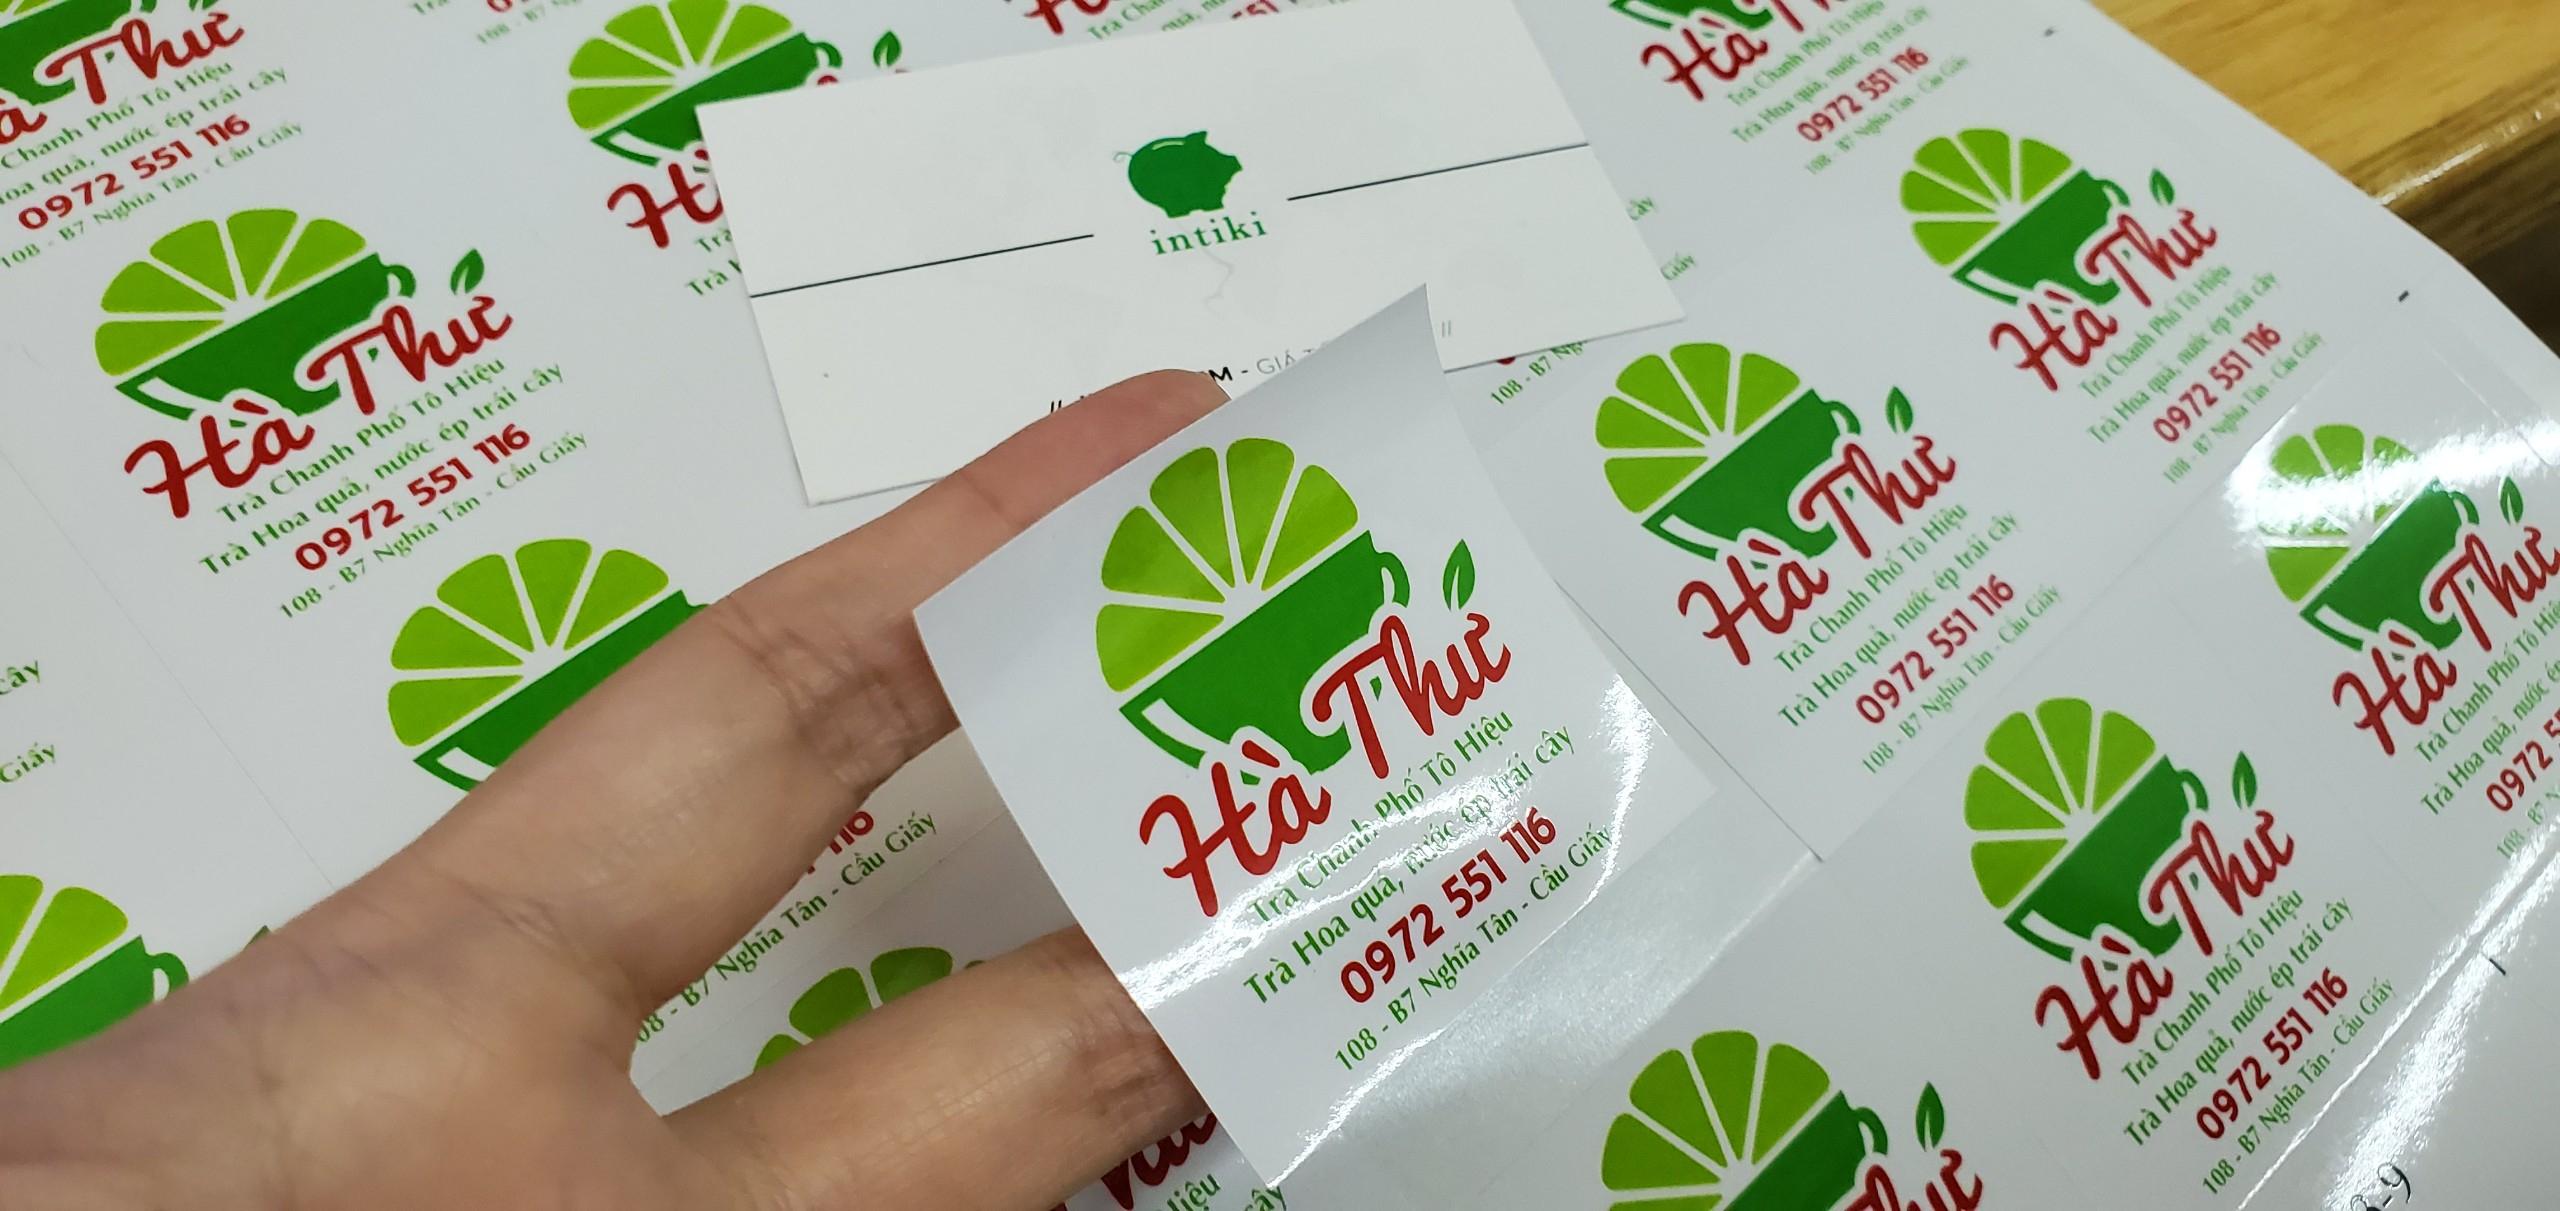 Tem sản phẩm là những chiếc tem được dán lên các loại sản phẩm, hàng hóa